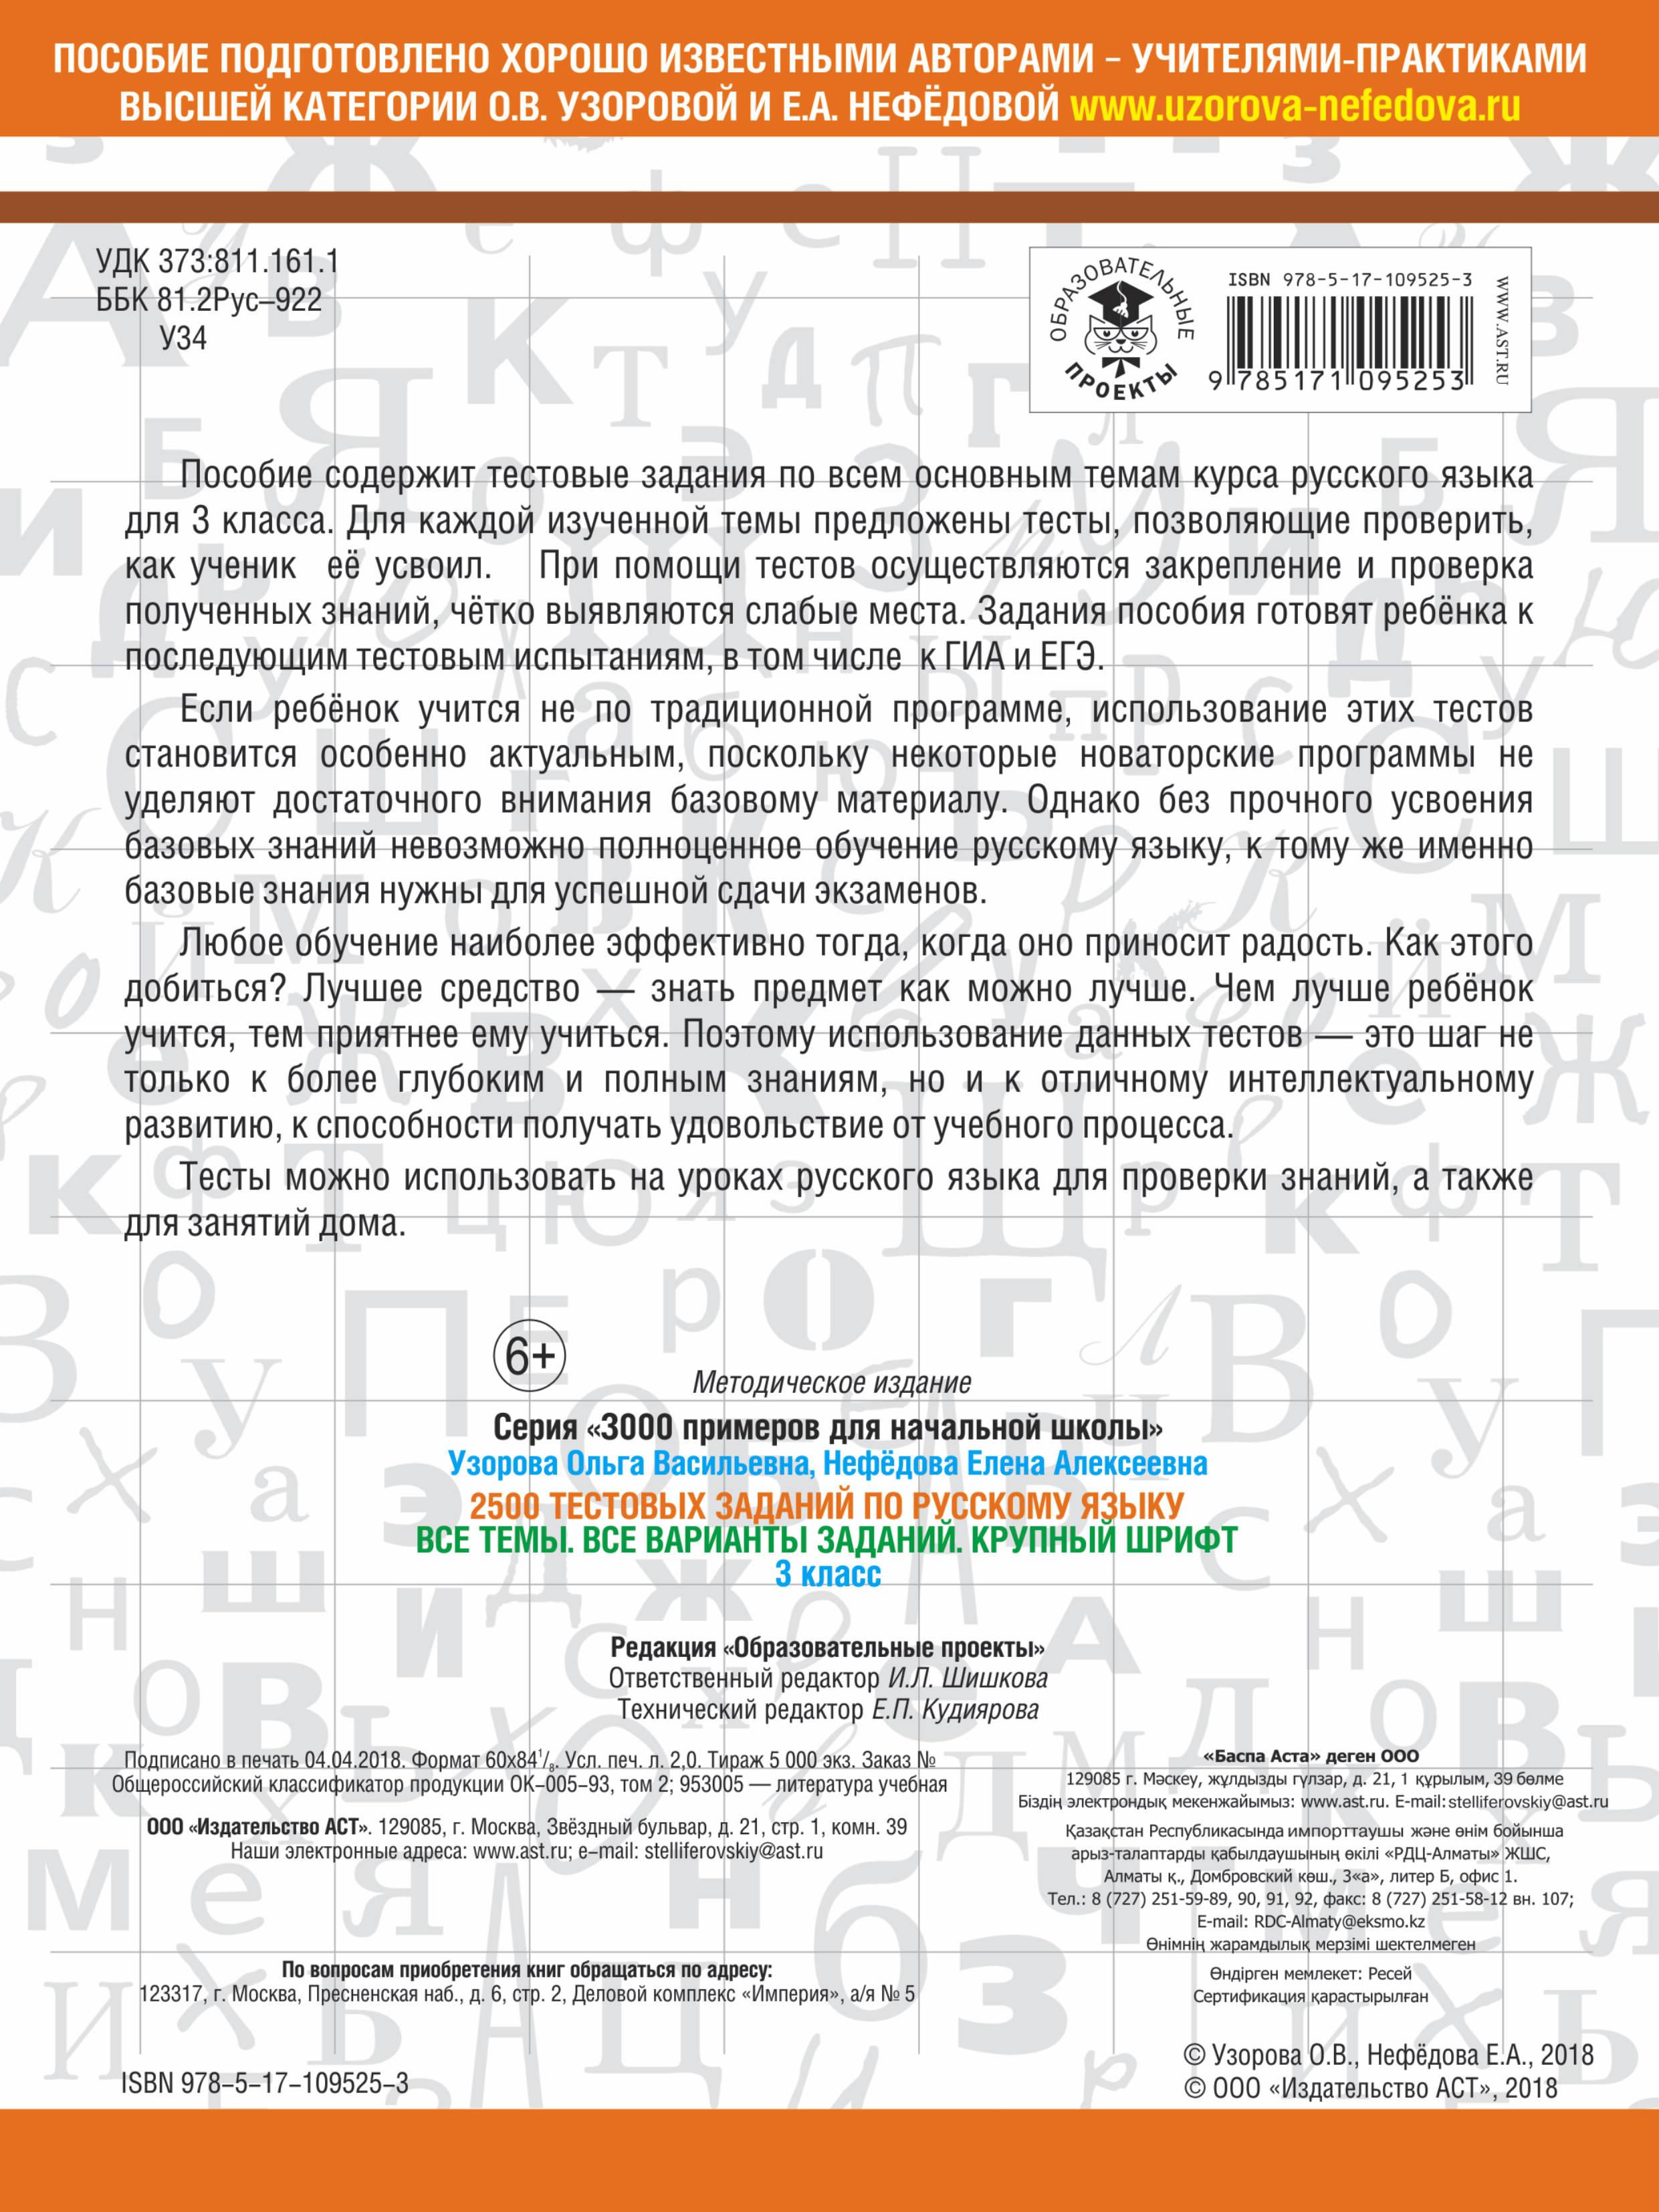 О. В. Узорова, Е. А. Нефедова. 2500 тестовых заданий по русскому языку. 3 класс. Все темы. Все варианты заданий. Крупный шрифт